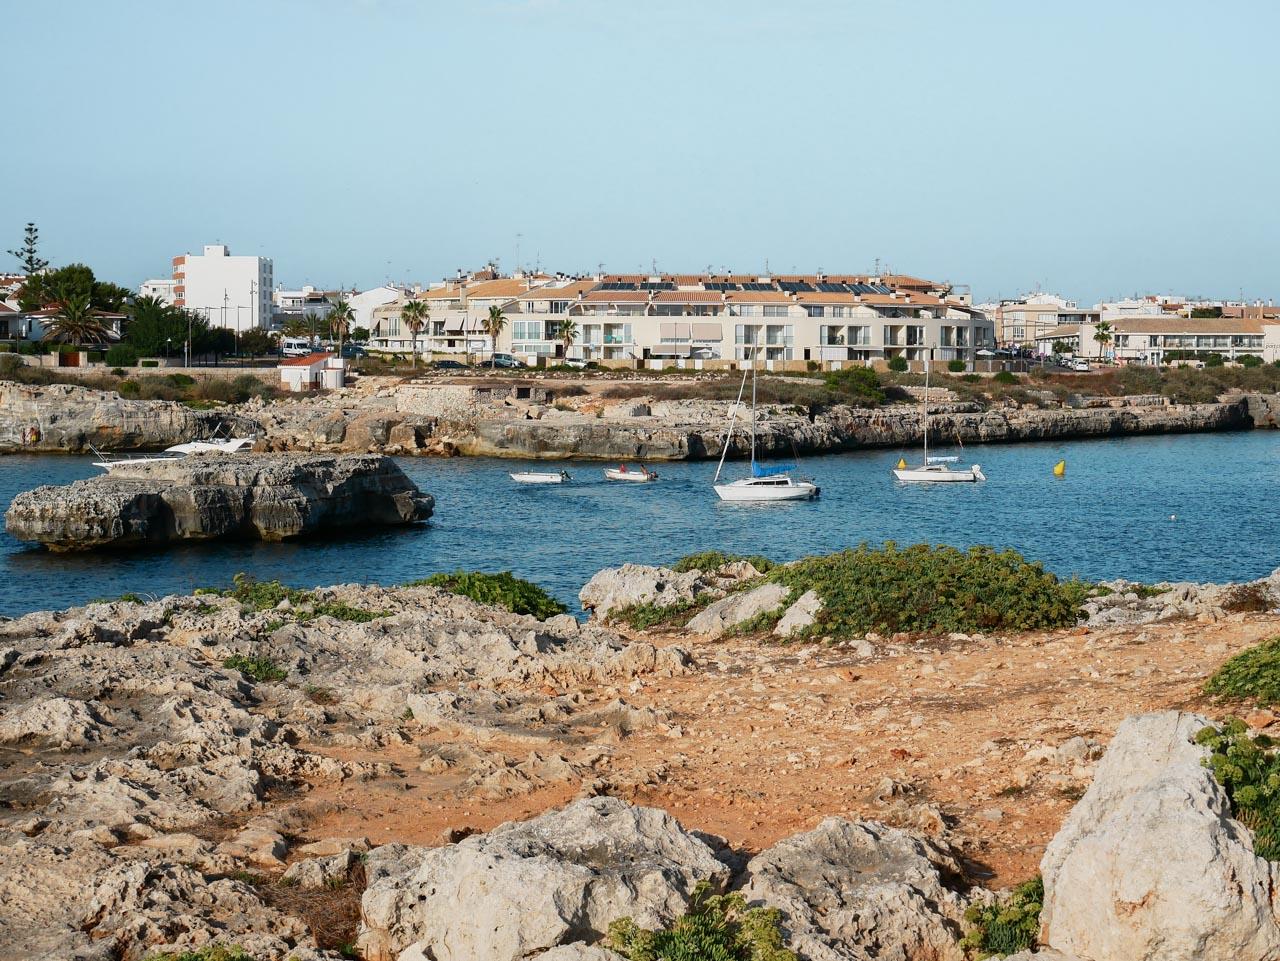 Première journée de mon séjour à Minorque